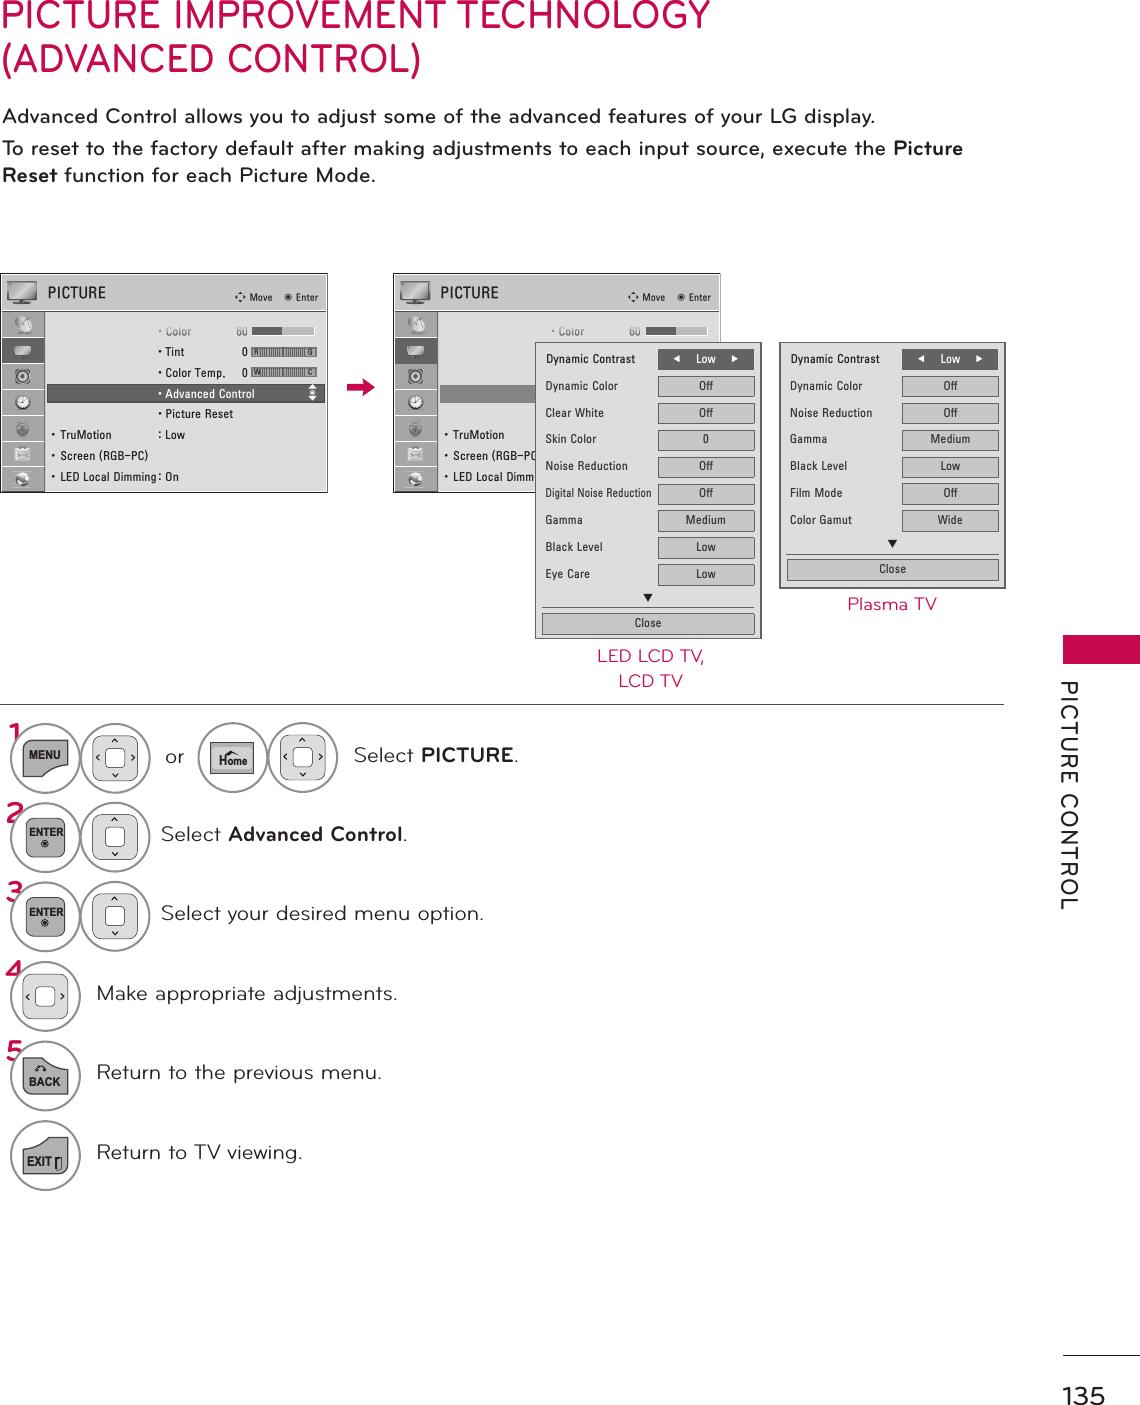 LG 50PZ550 User Manual Owner's SAC34134225 1 Eng